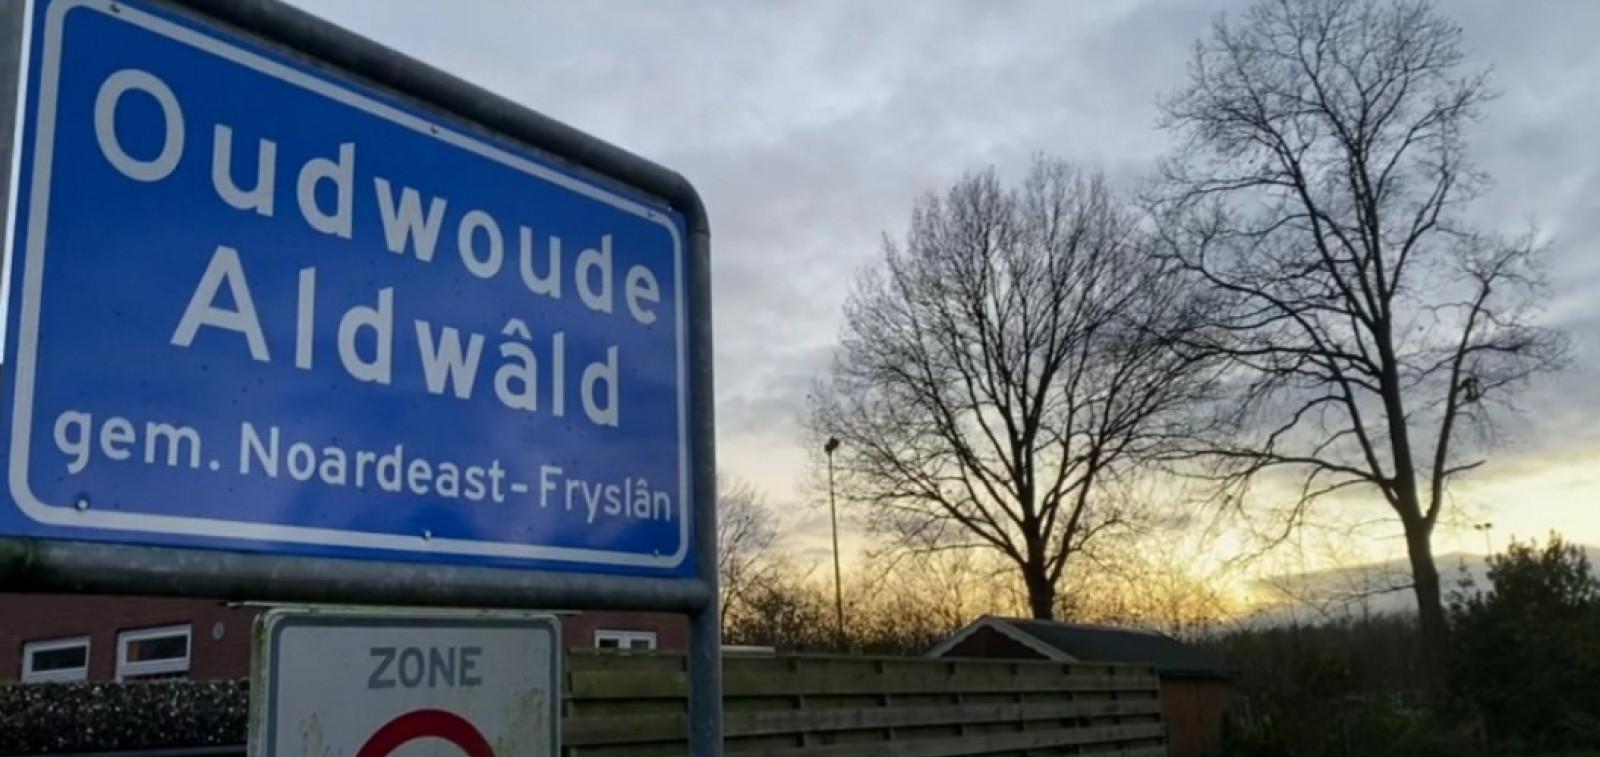 Liikennemerkki, jossa lukee Oudwoude Audwald